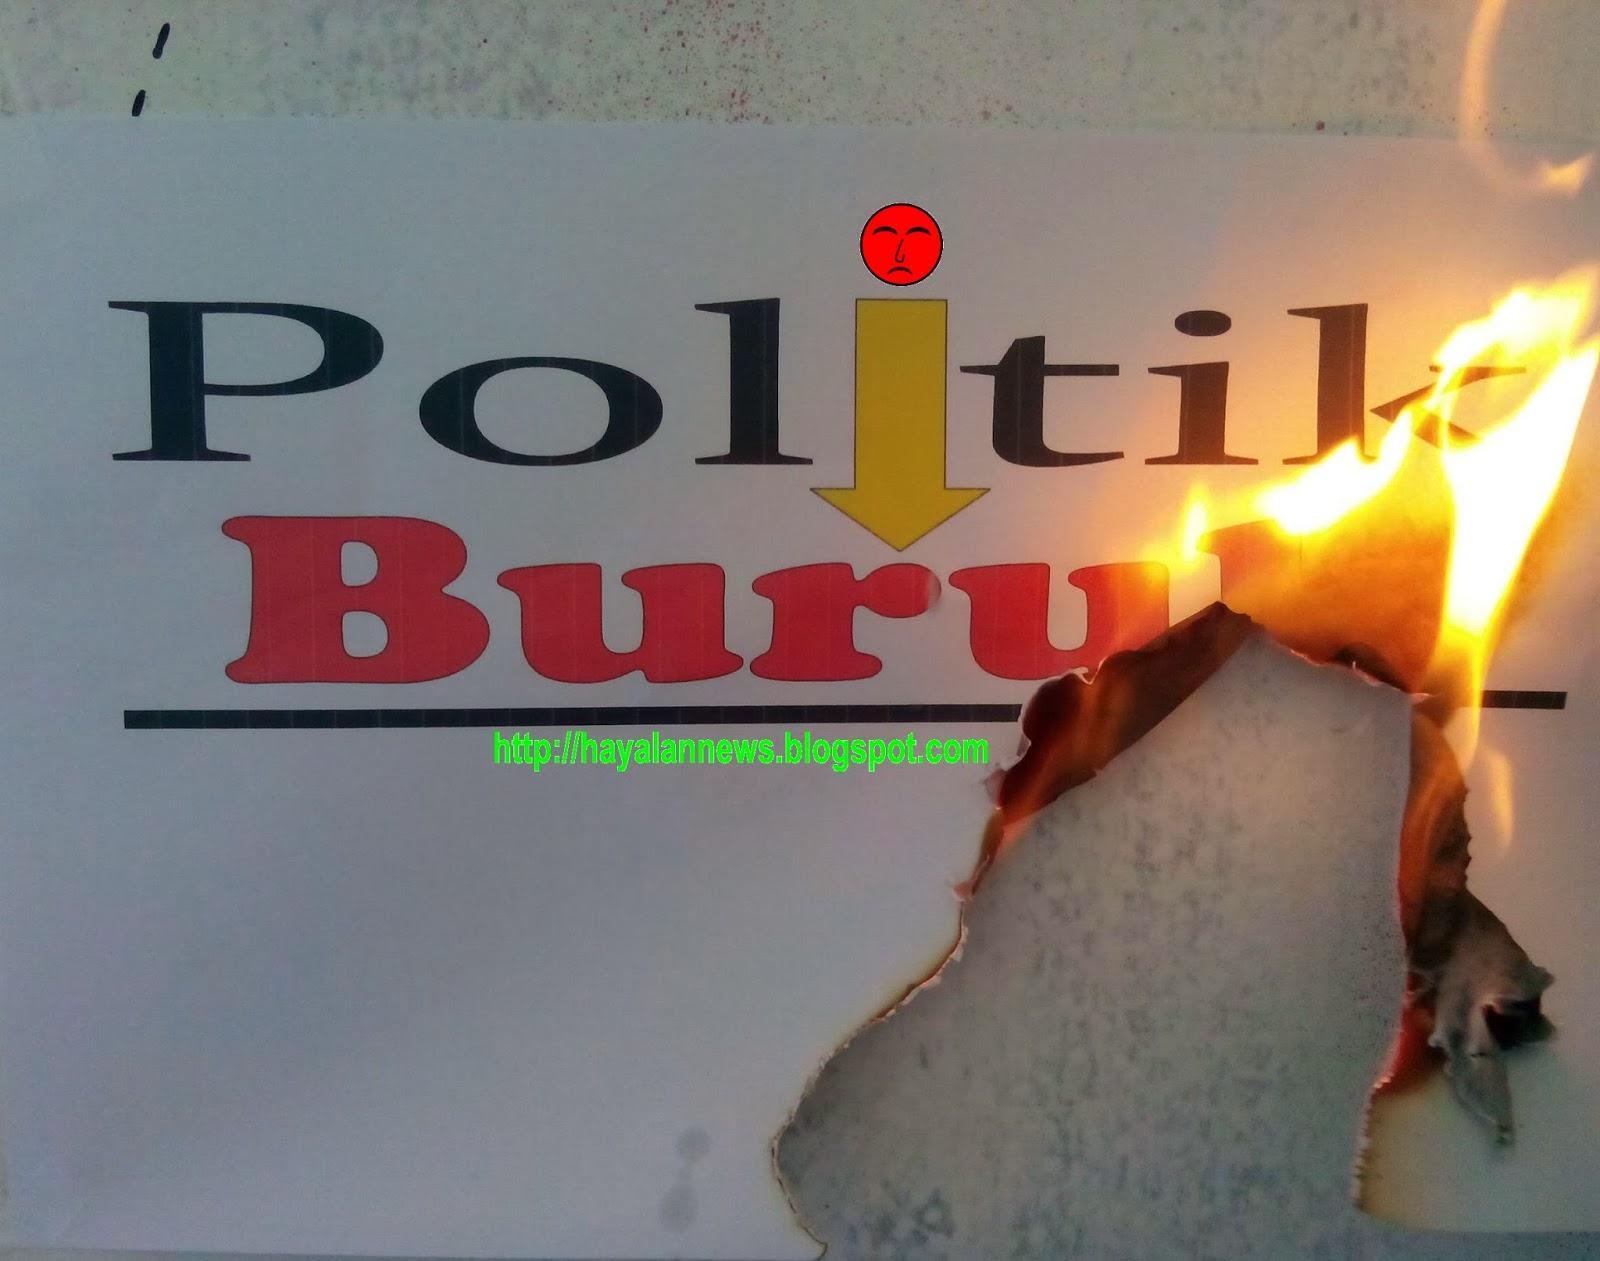 Politik buruk calon pemimpin menjelang pemilu